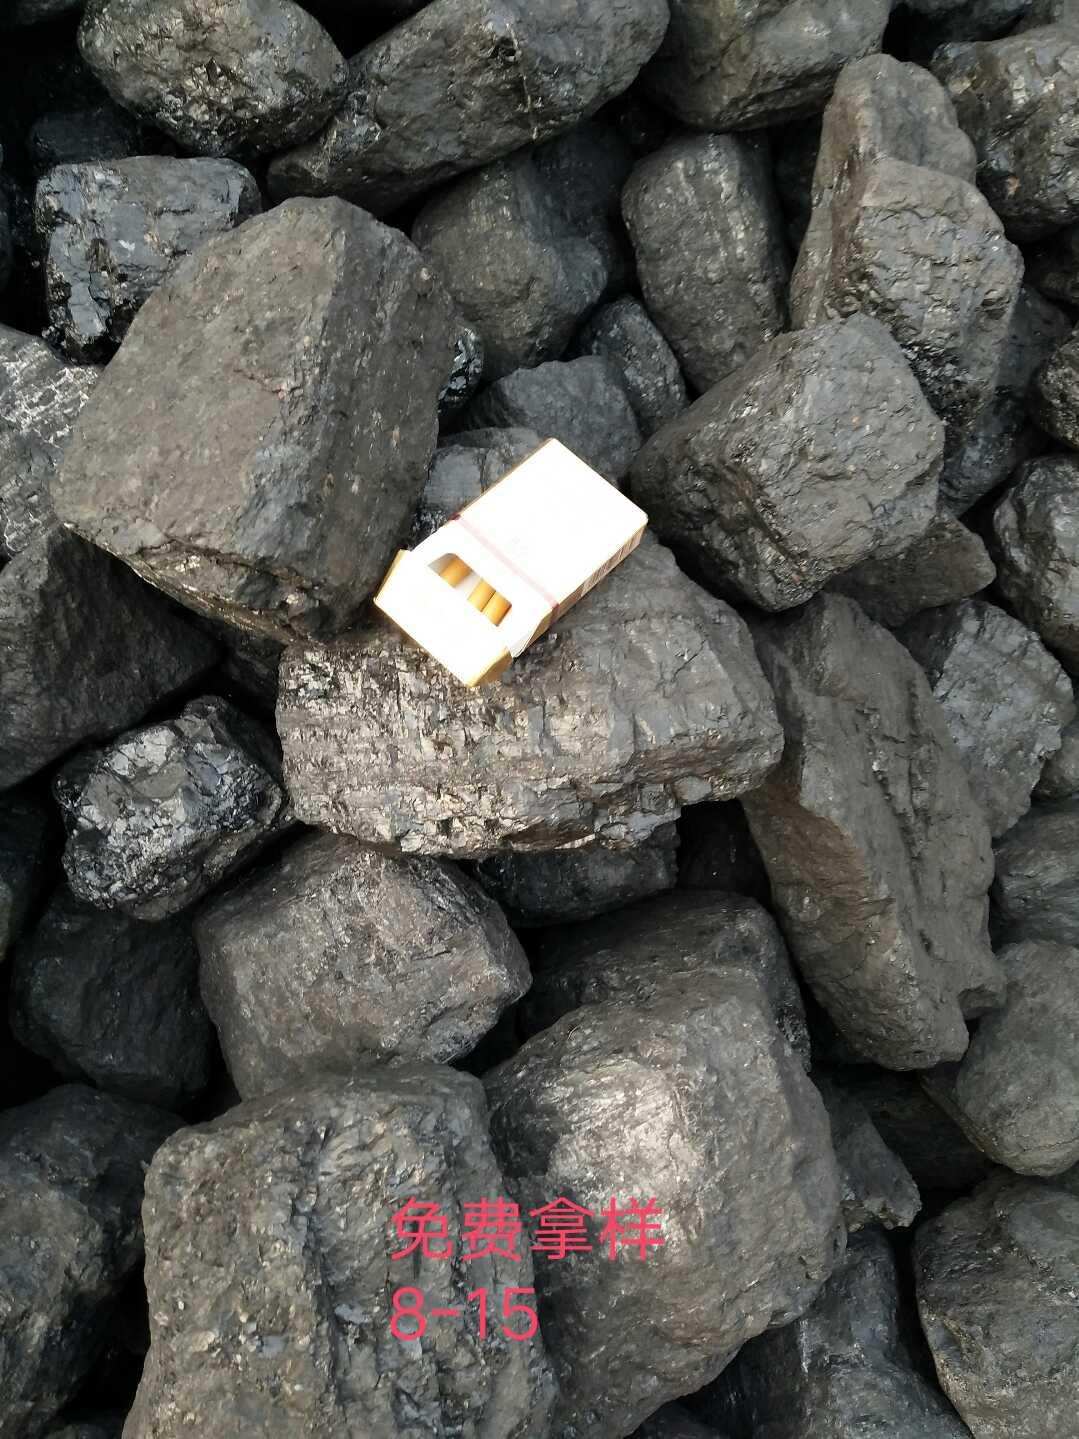 Уголь уголь уголь высокий горячей количество уголь высокий команда волосы